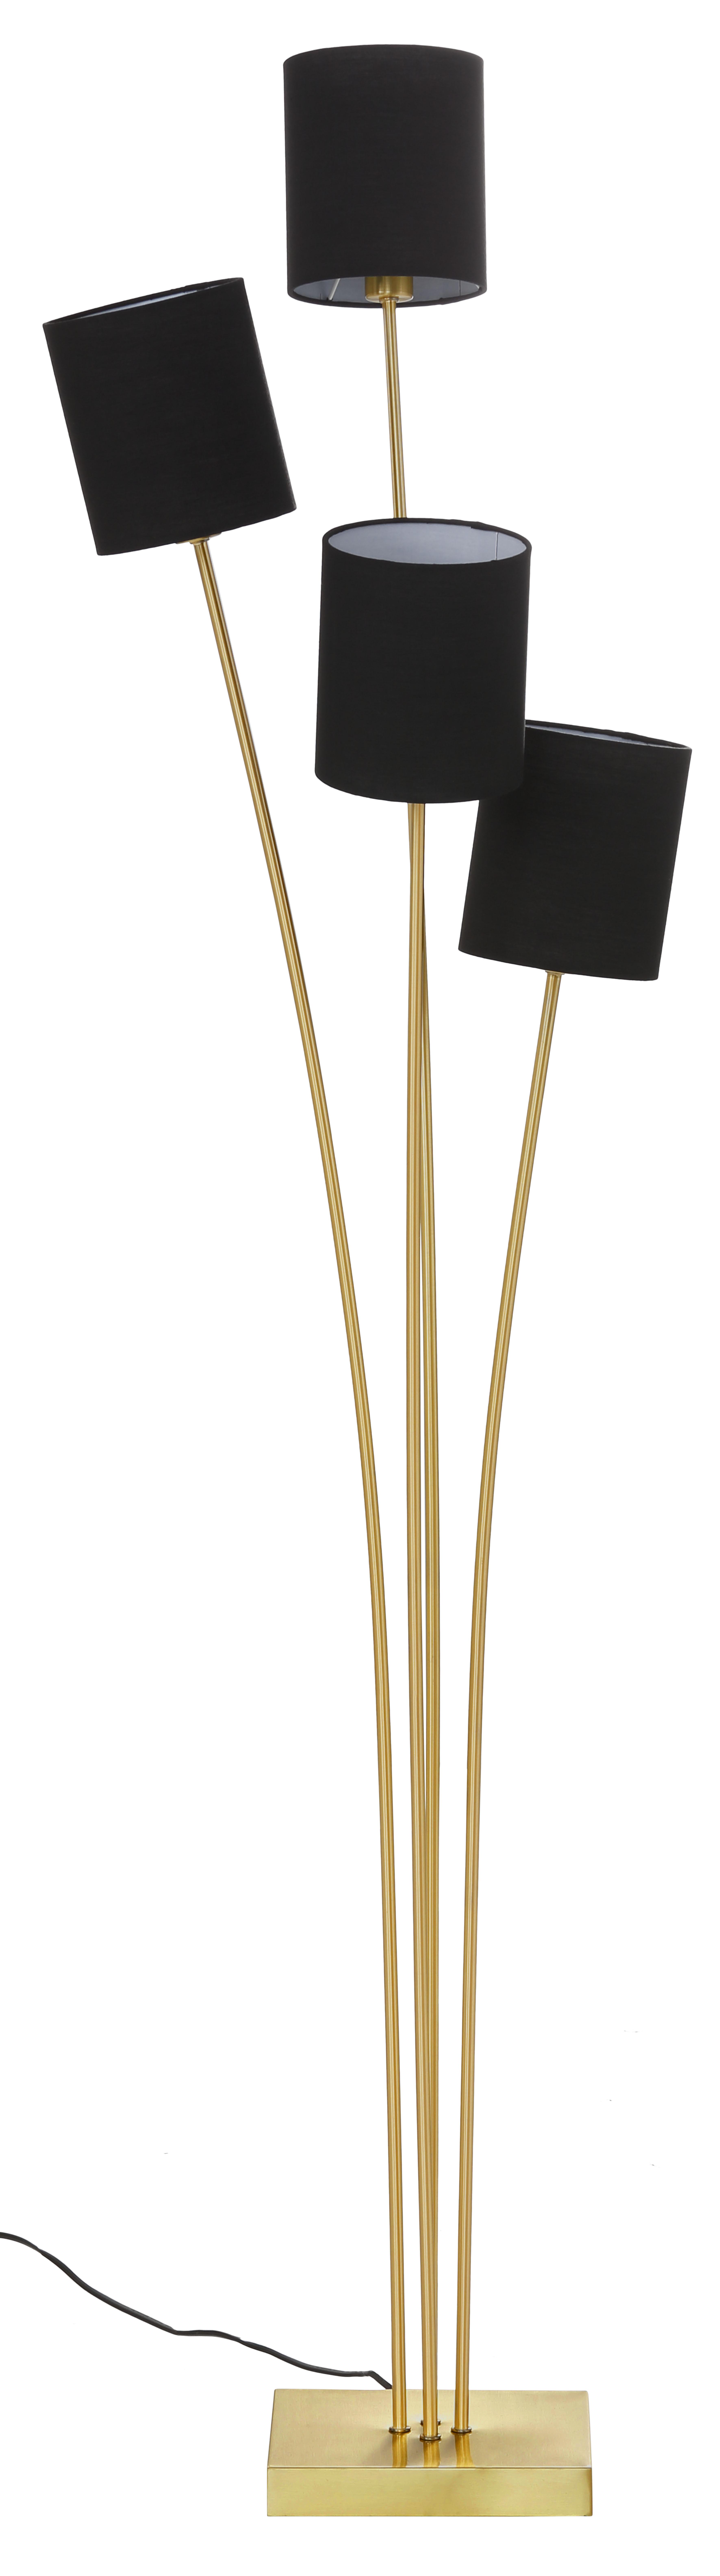 Home affaire Stehlampe »Rivera«, E14, Gestell der Stehleuchte in gold- oder... kaufen